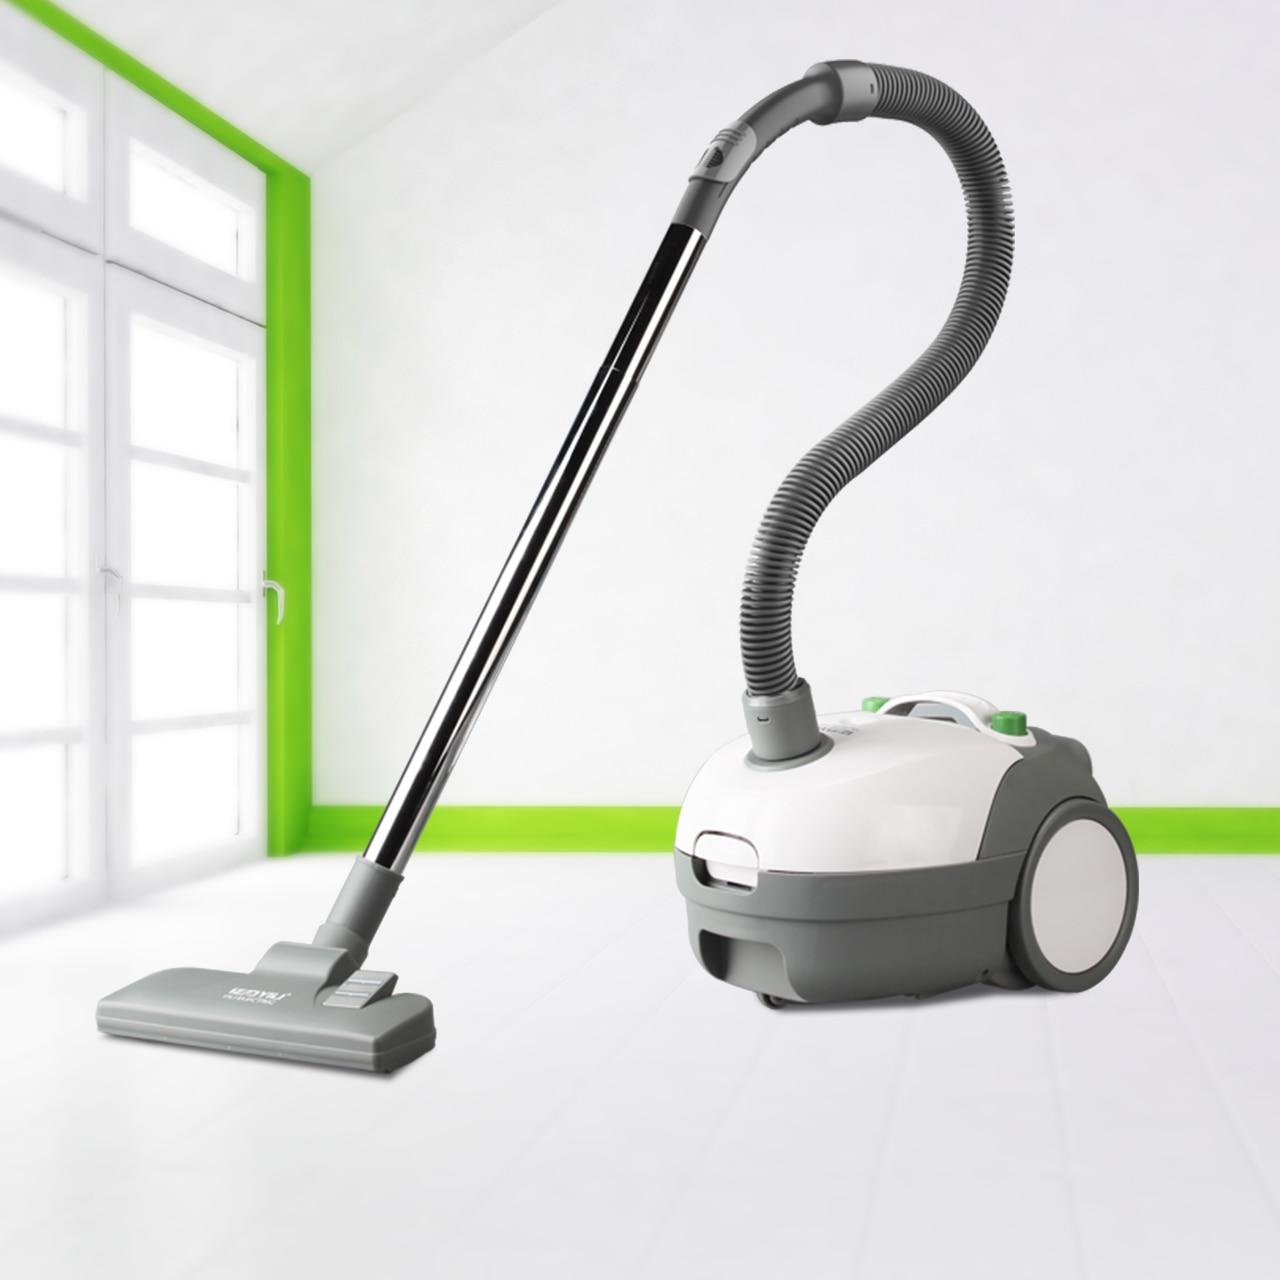 Как выбрать лучший бесшумный пылесос: компактный, вертикальный, моющий, робот, обзор популярных моделей, их плюсы и минусы, советы по уходу за техникой